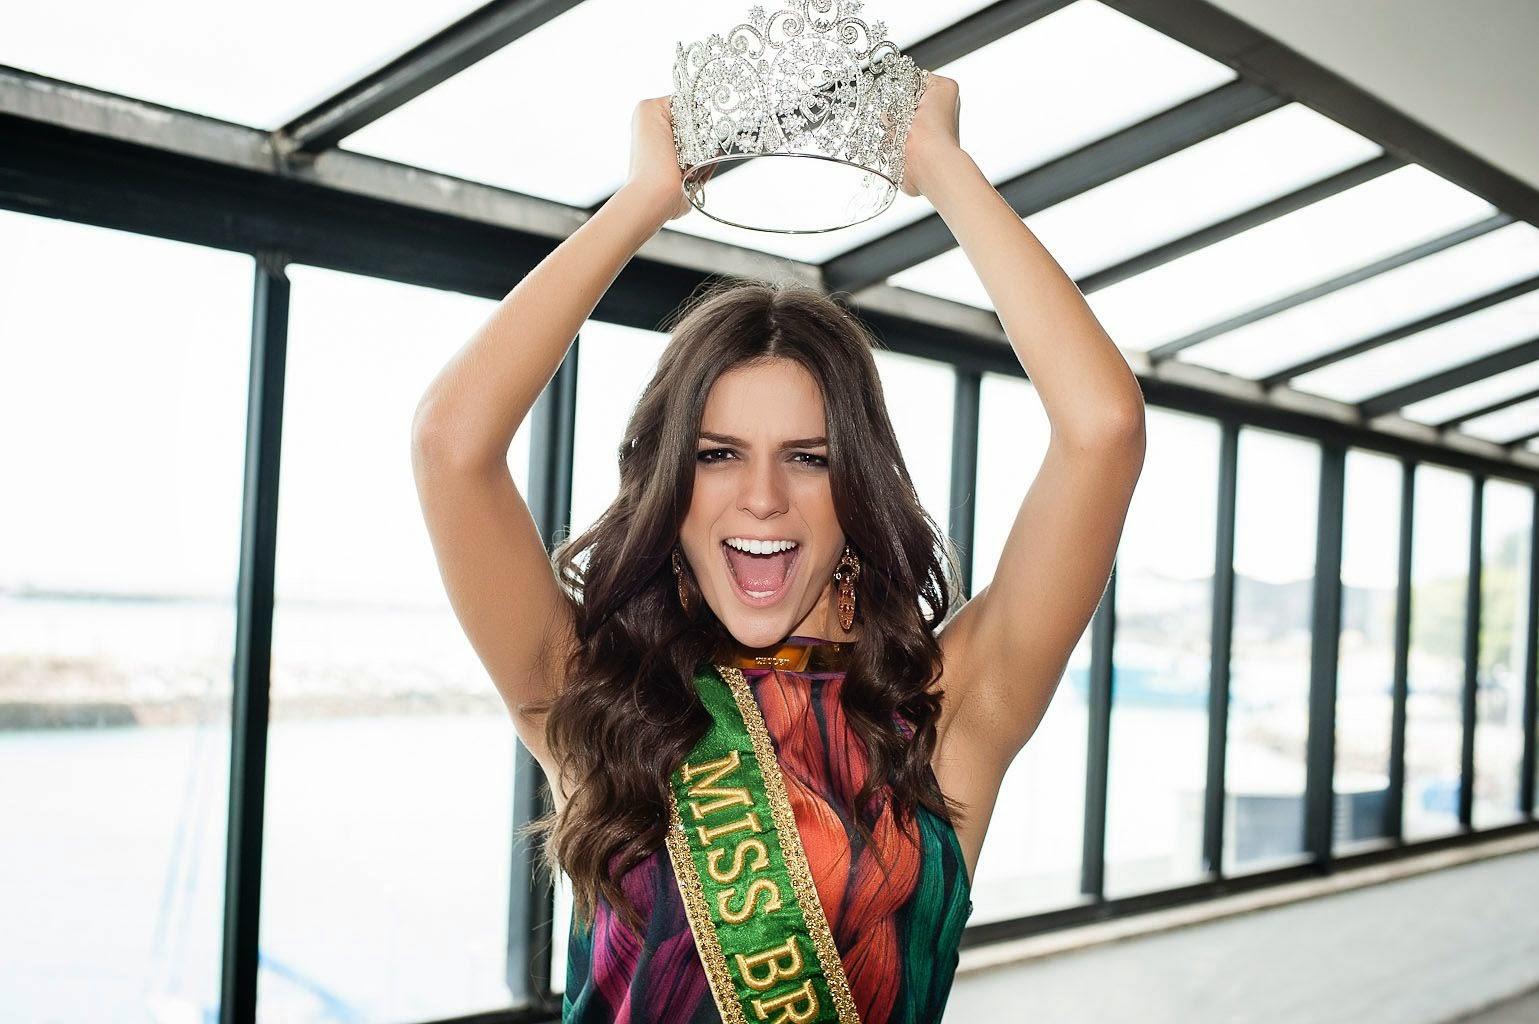 Miss Universo 2018 Quem Ganhou >> MISS PARANÁ BE Emotion 2018: O BRASIL TEM REPRESENTANTE NO MISS UNIVERSO 2014